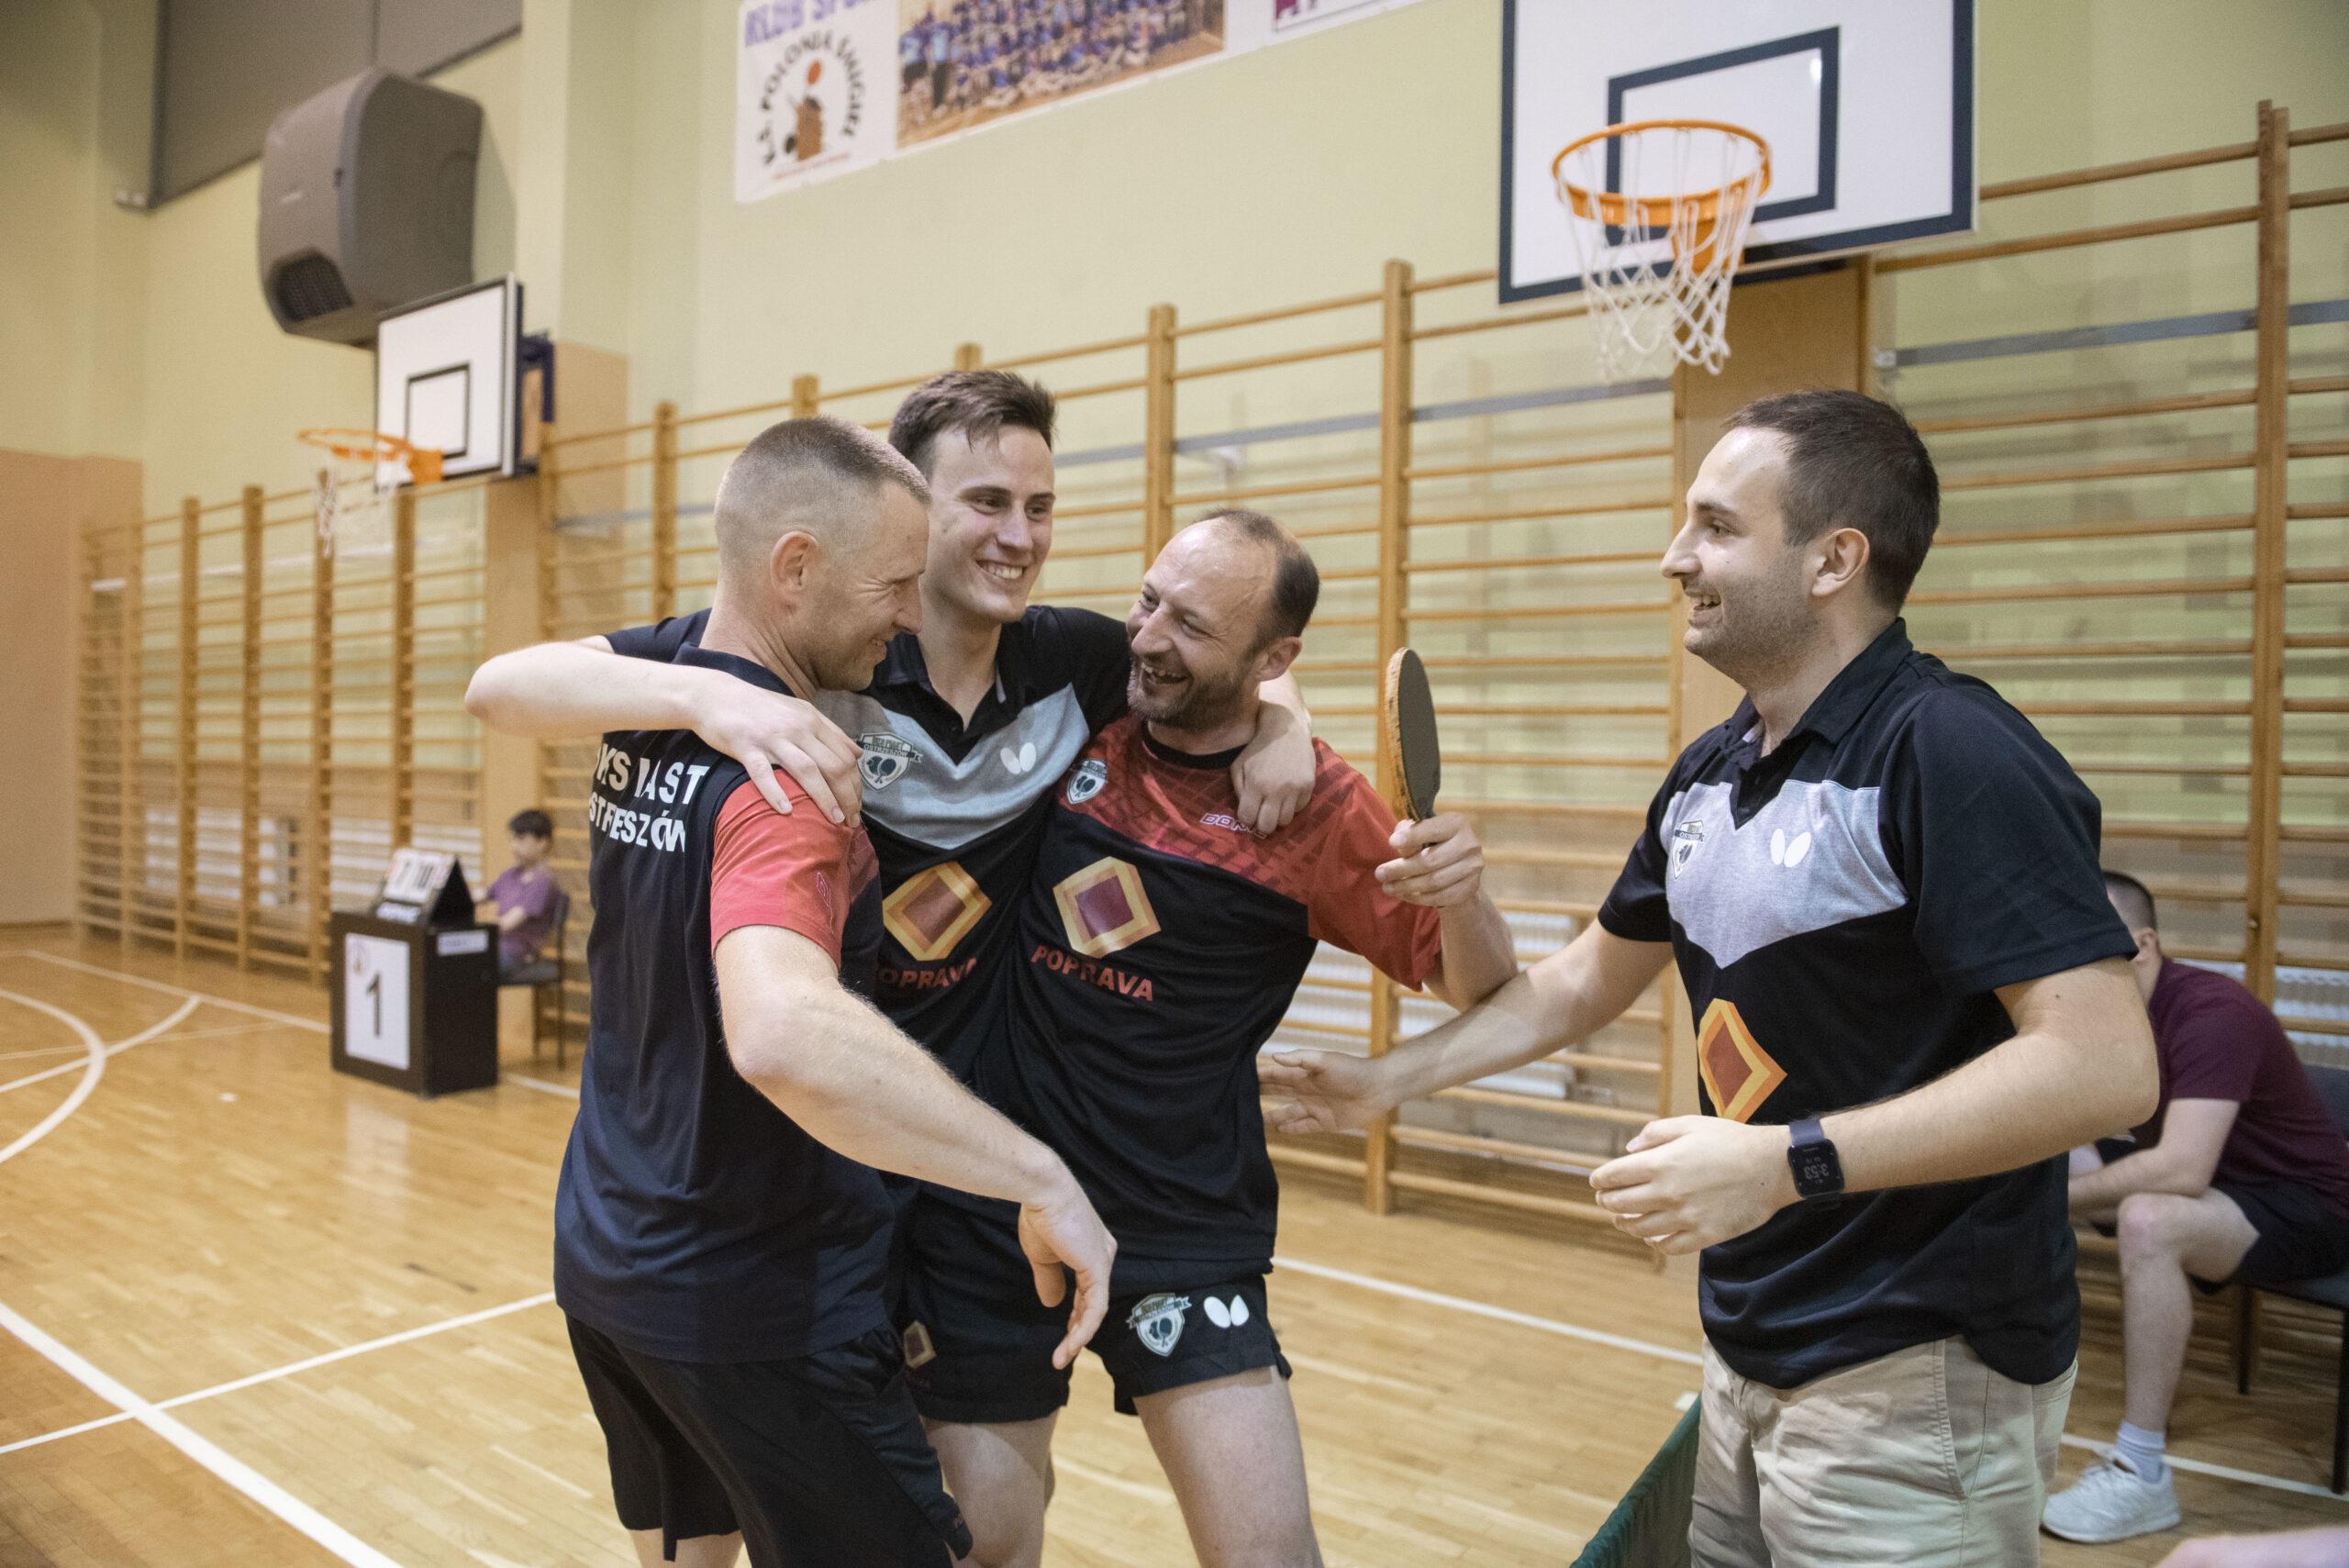 Coraz bliżej pierwszej ligi tenisa stołowego w Ostrzeszowie!